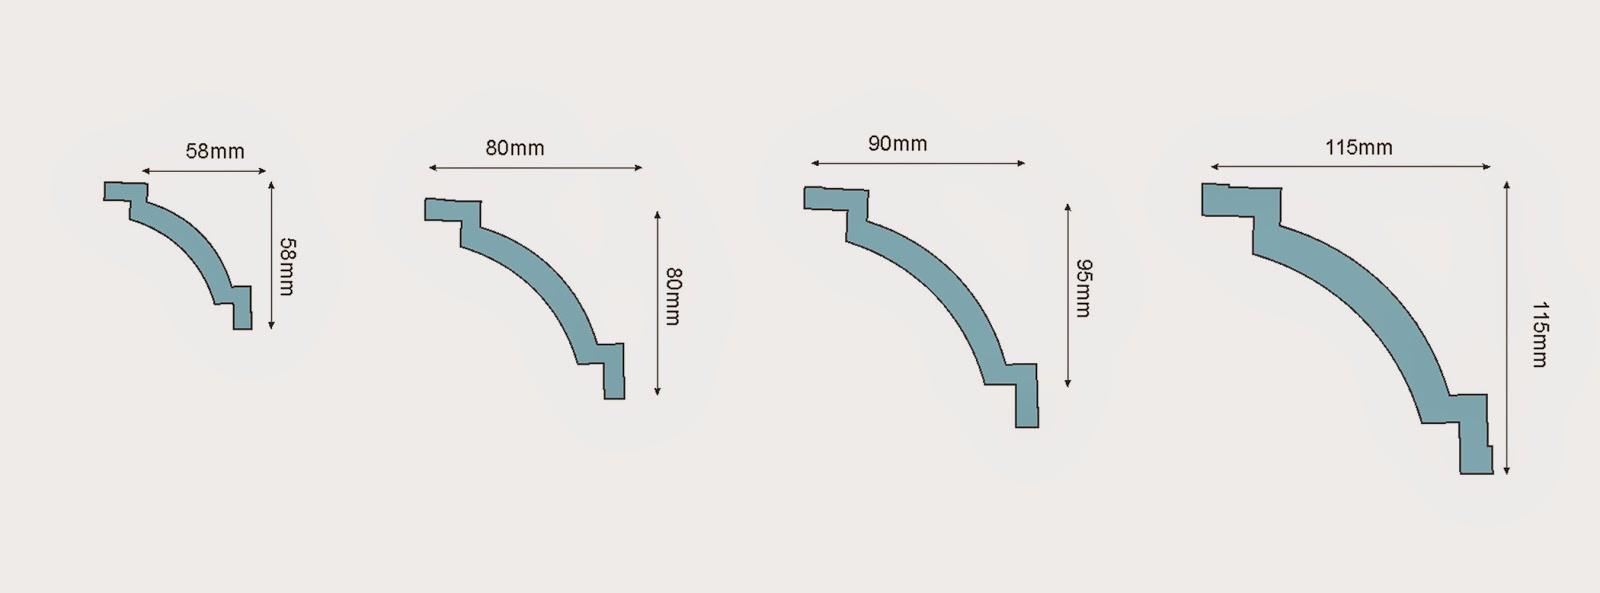 dimensiuni baghete polistiren pentru interior casa , profile decorative tavan